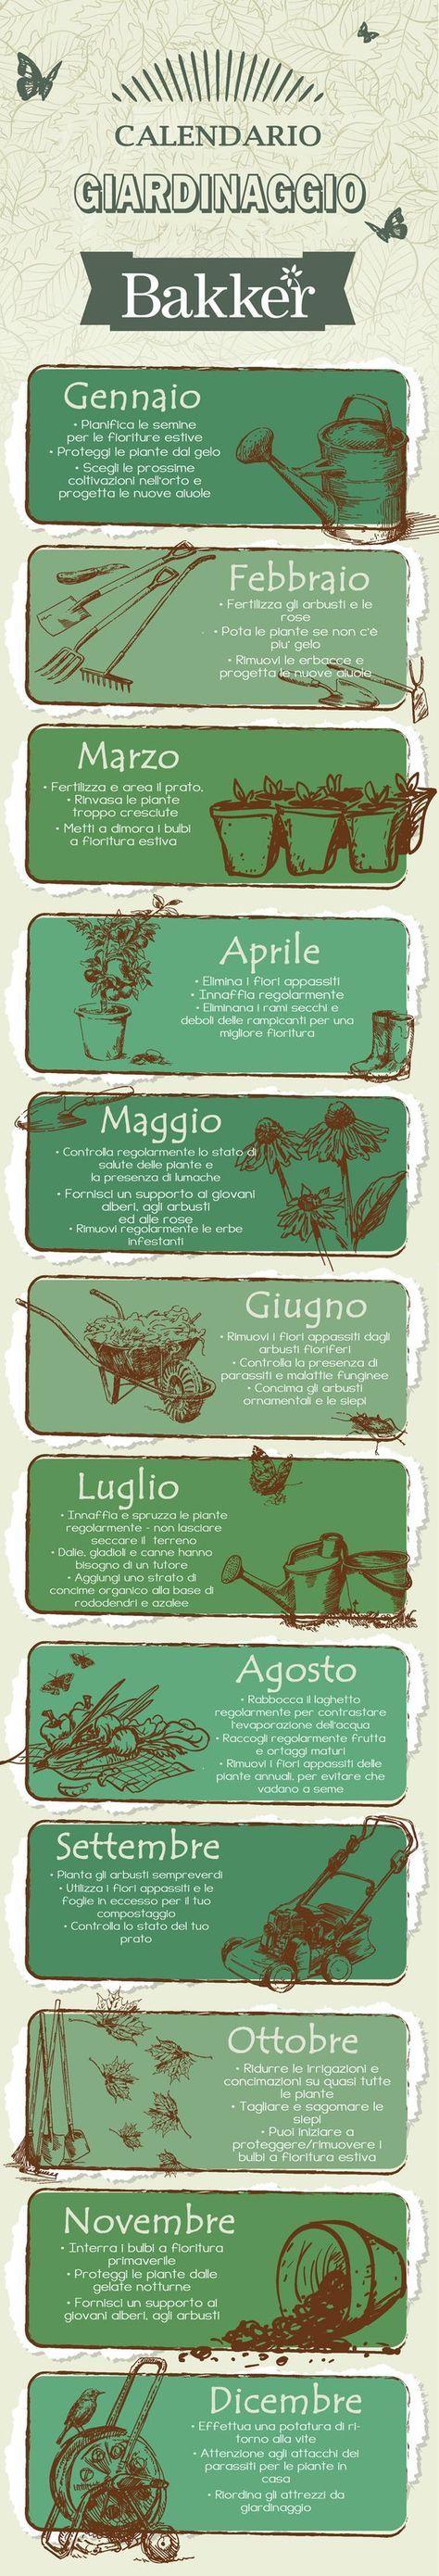 Infografica - pratici consigli di giardinaggio mese per mese - #Calendario di #giardinaggio #Bakker - In giardino con Bakker